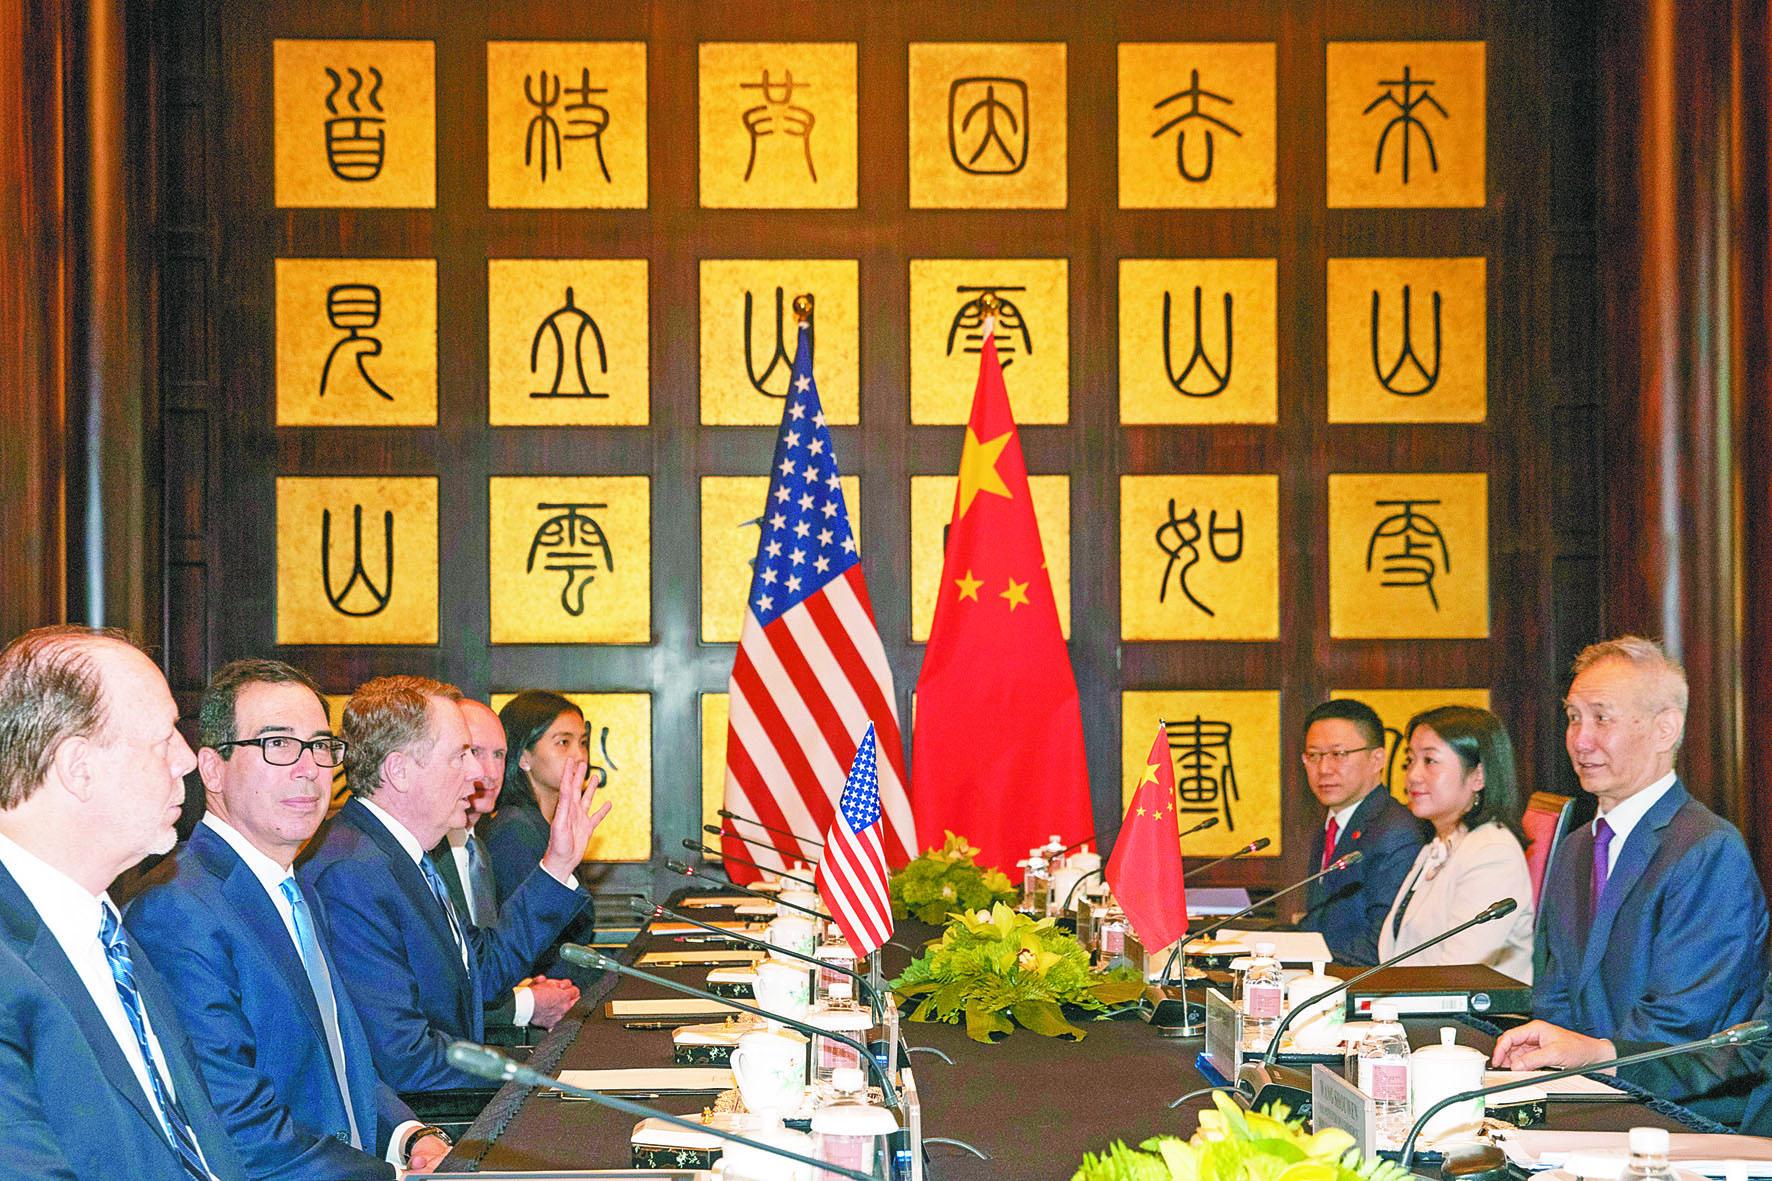 貿易談判上海重啓 特朗普轟華不守信